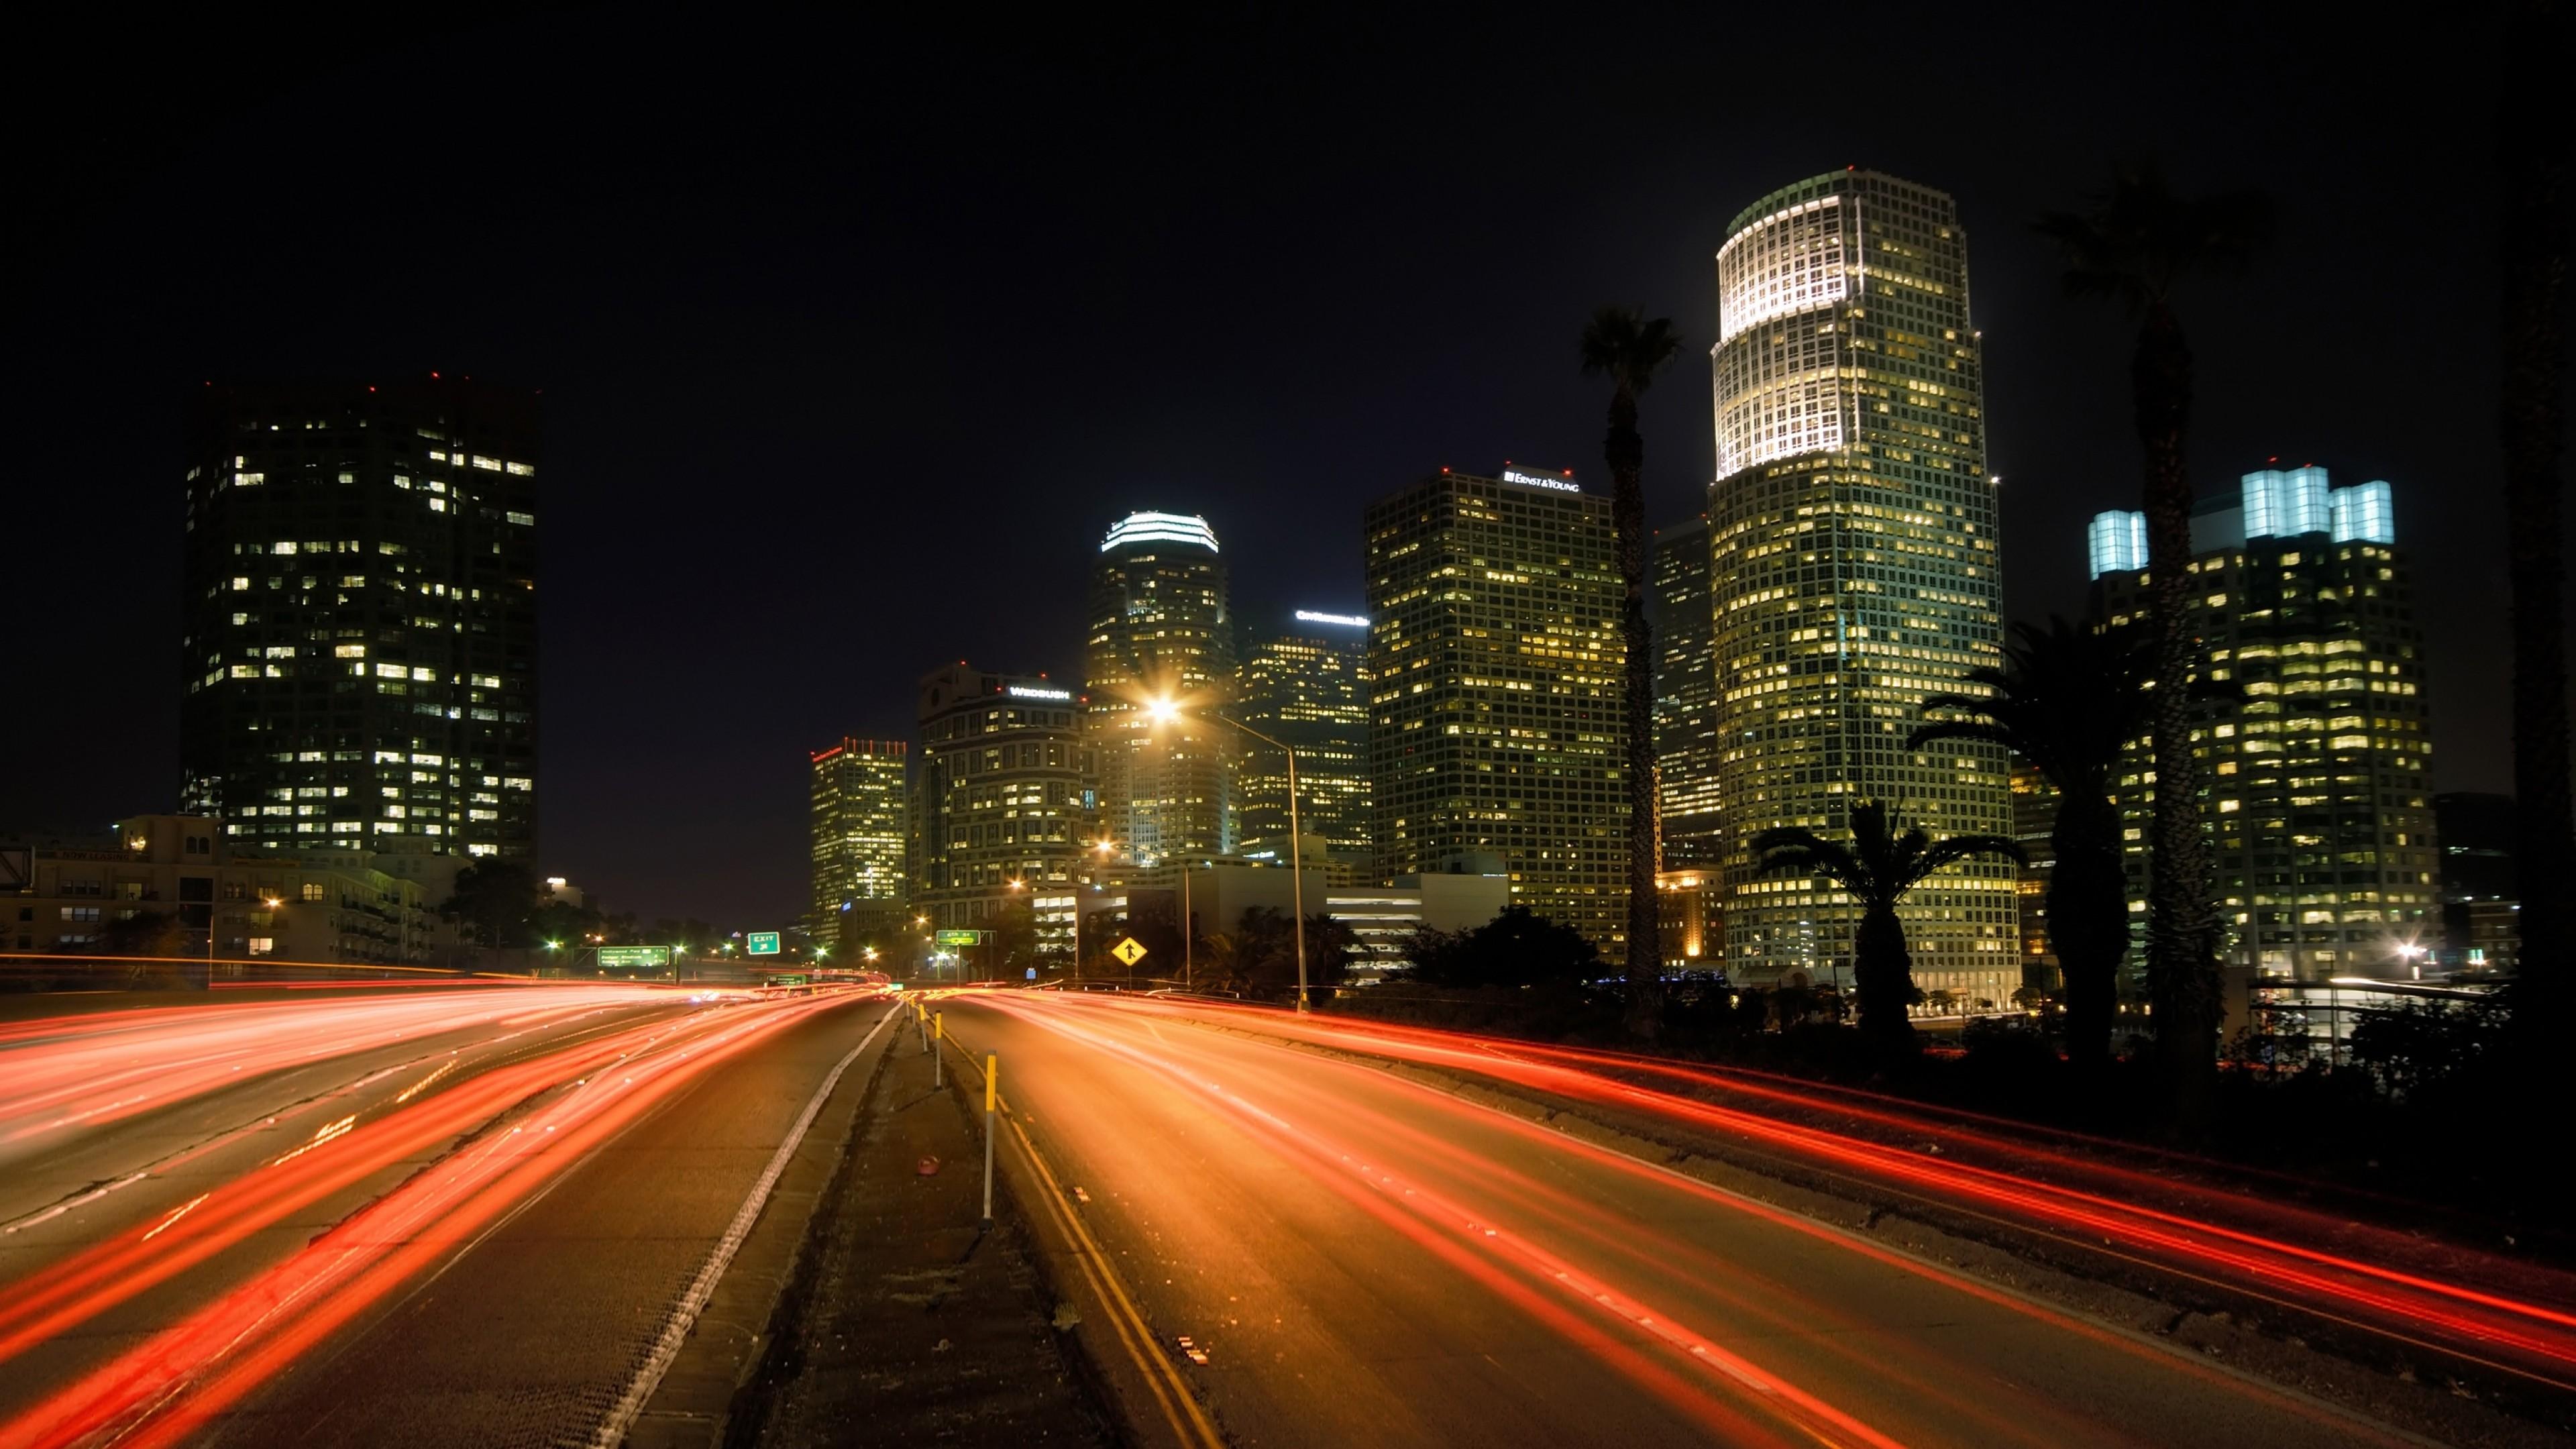 Wallpaper city, night, lights, road, los angeles